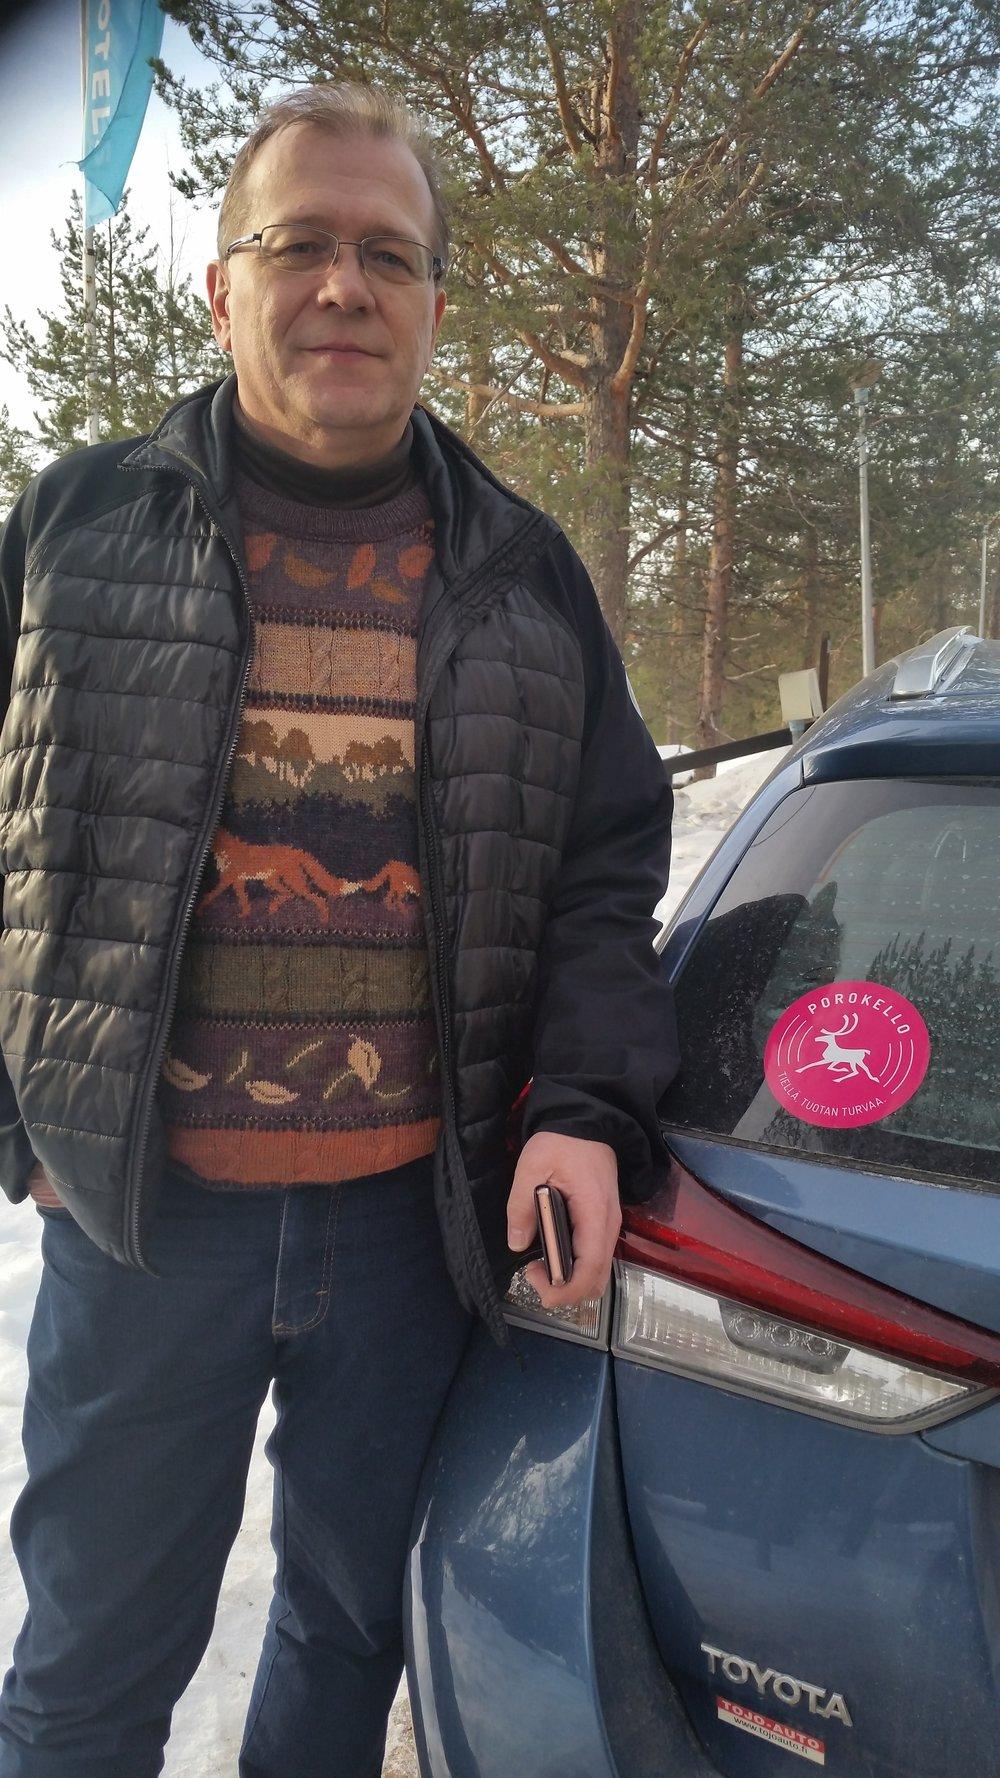 Matti Särkelä - Member of Porokello steering group